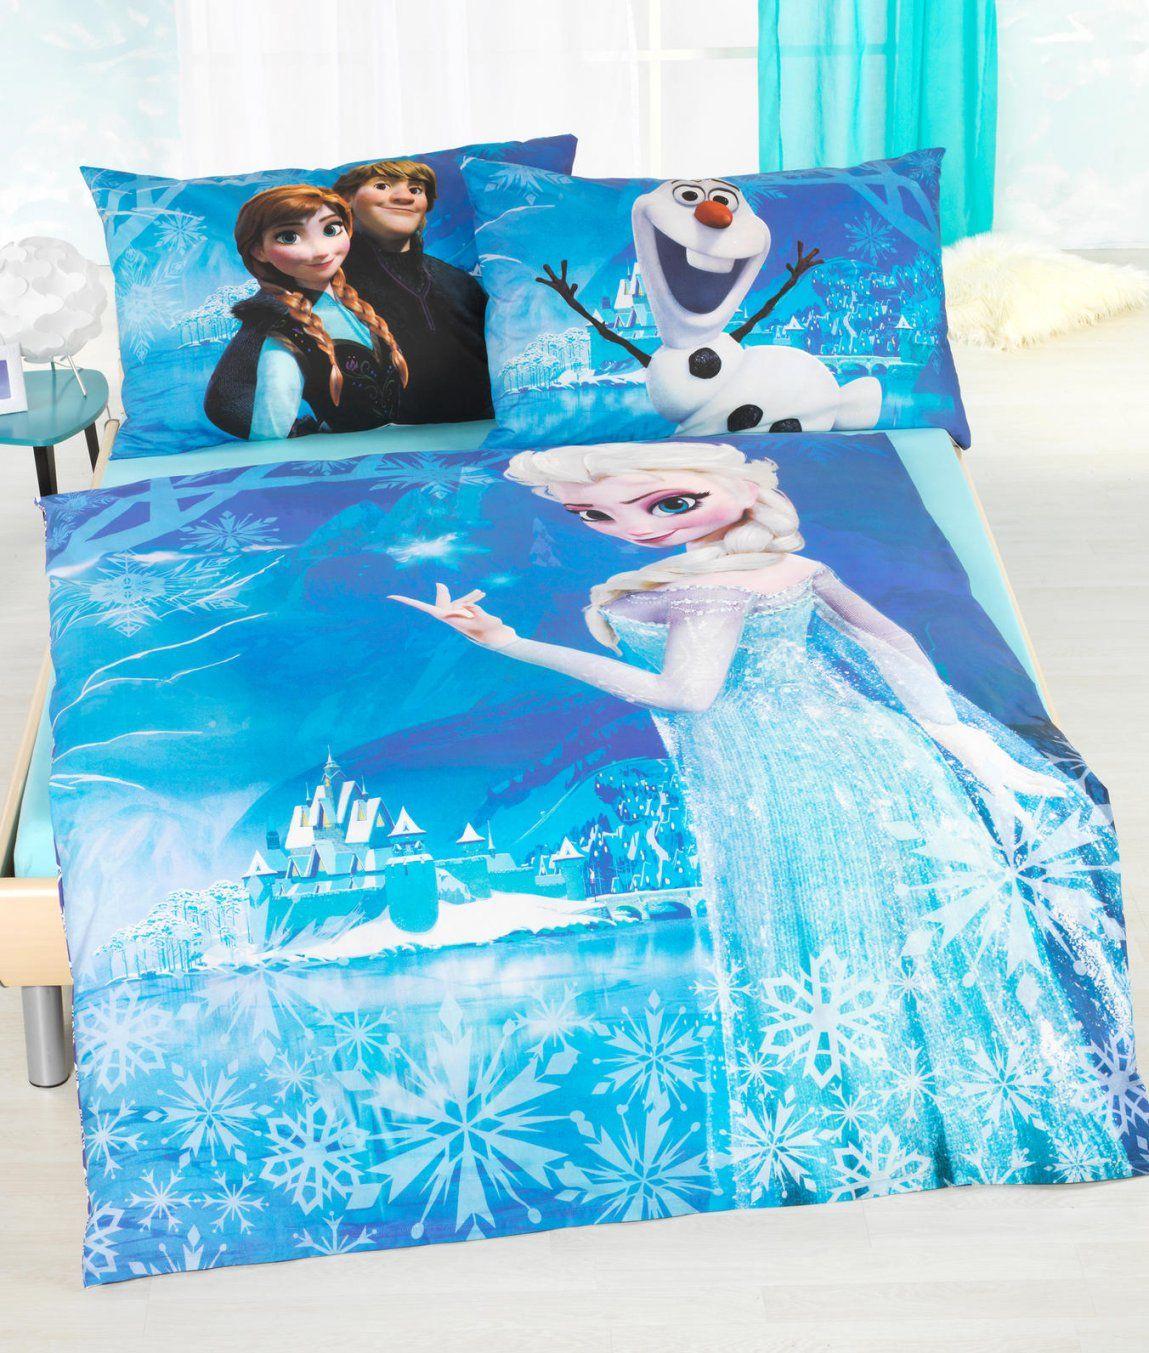 Kinderbettwäsche Garnitur Frozen Kaufen  Angela Bruderer Onlineshop von Kinderbettwäsche Die Eiskönigin Photo